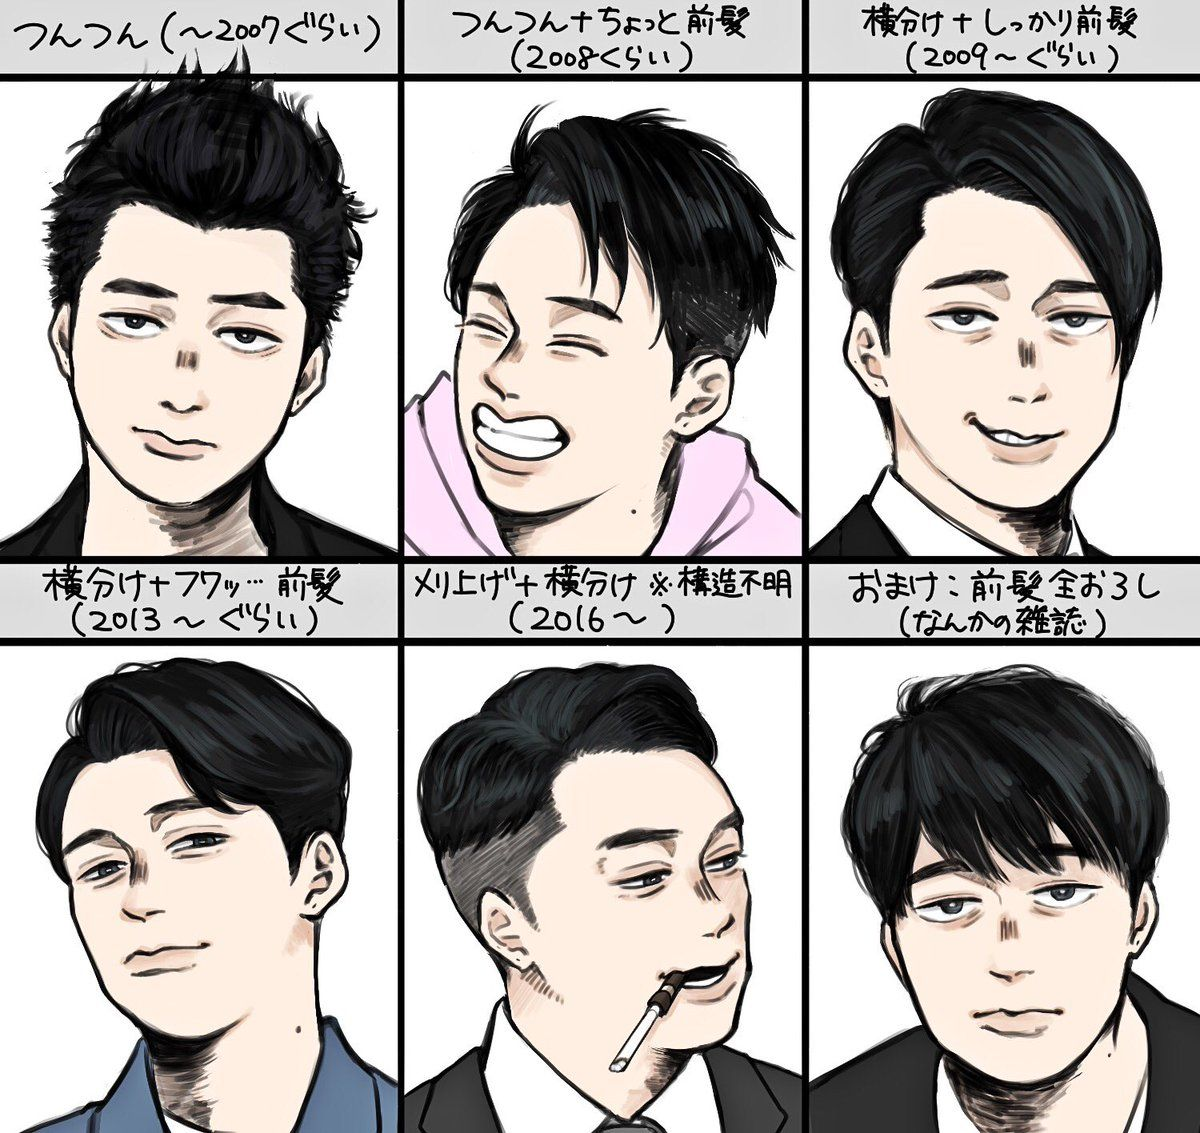 最高の壁紙 【ベスト】 イケメン イラスト Naver【2020